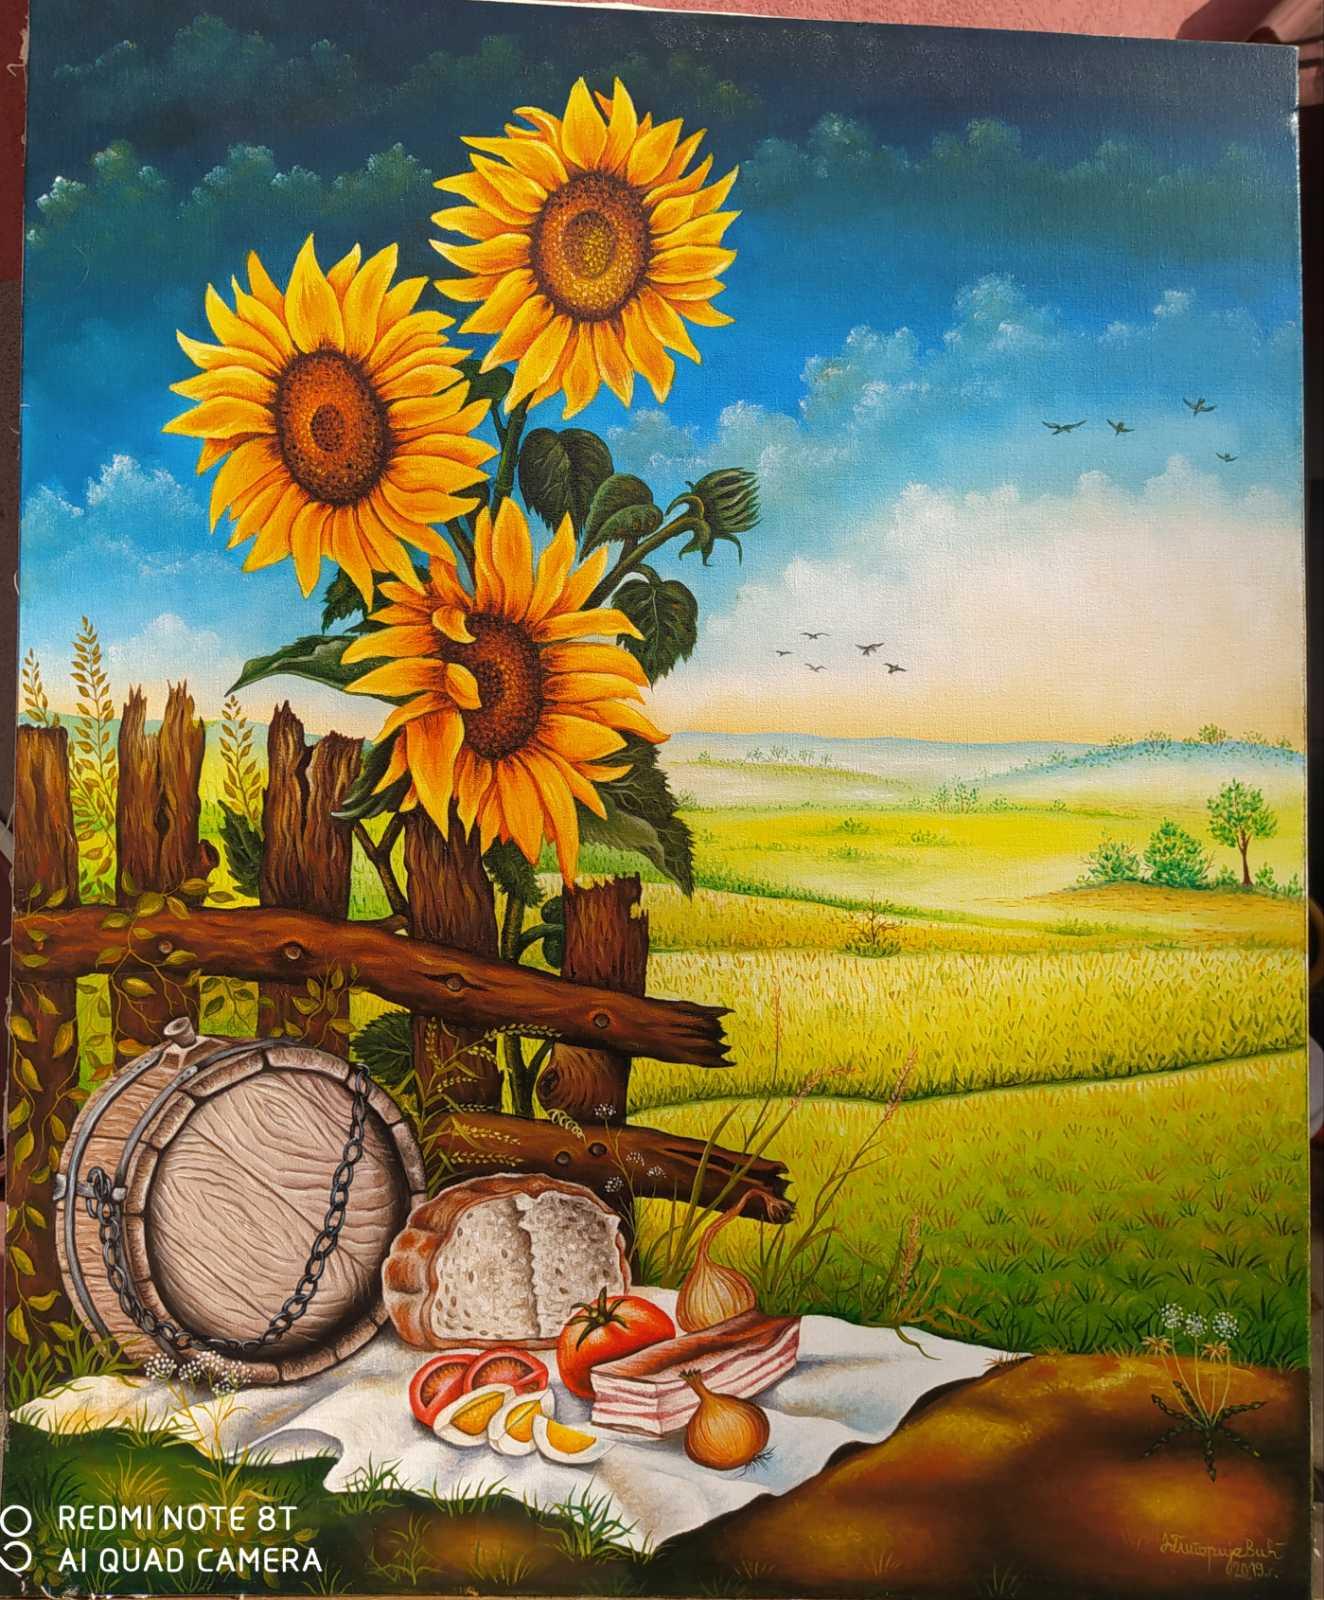 Doručak u polju, 80x65